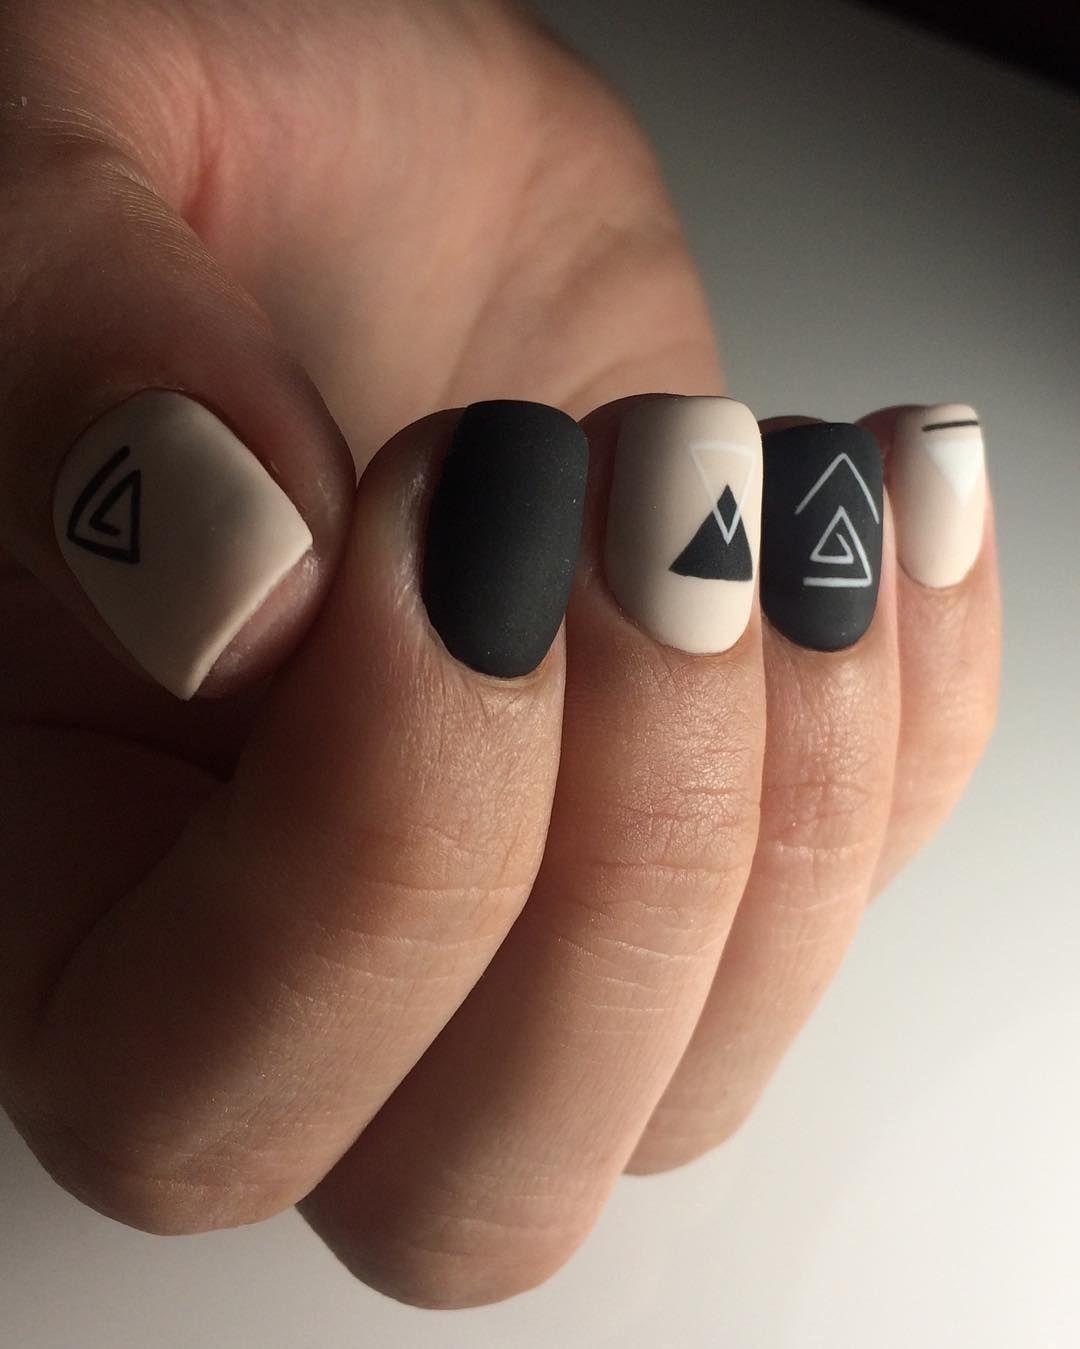 Acrylic nail designs - Pin By Madara Mecauce On Nails Pinterest Manicure, Nail Nail And